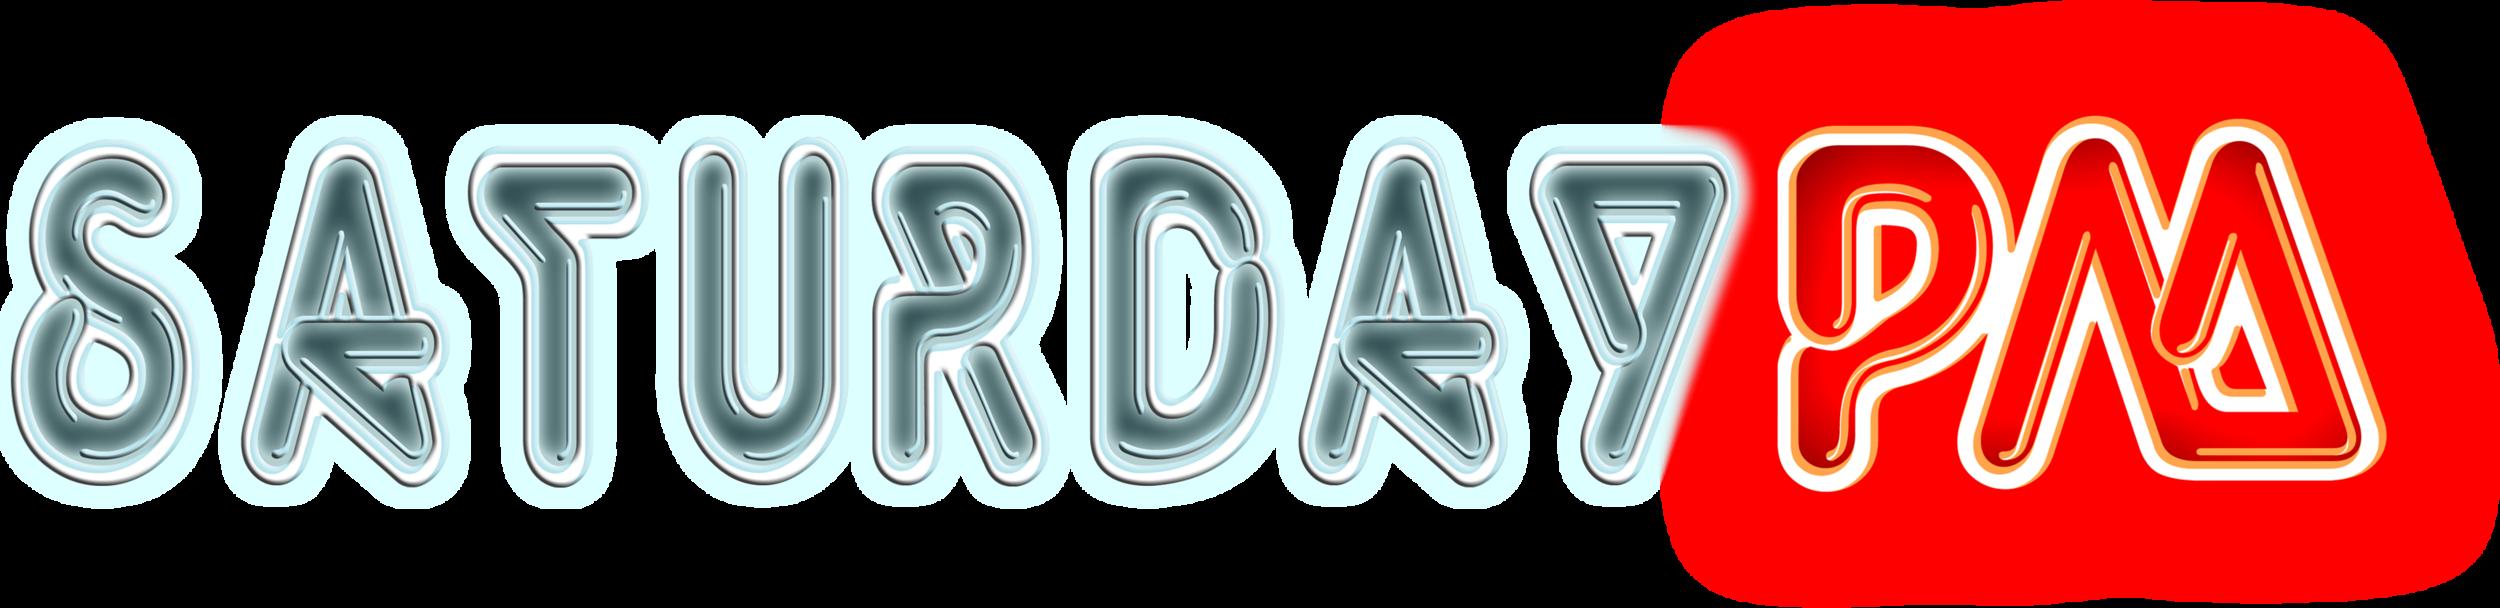 saturday pm logo.png